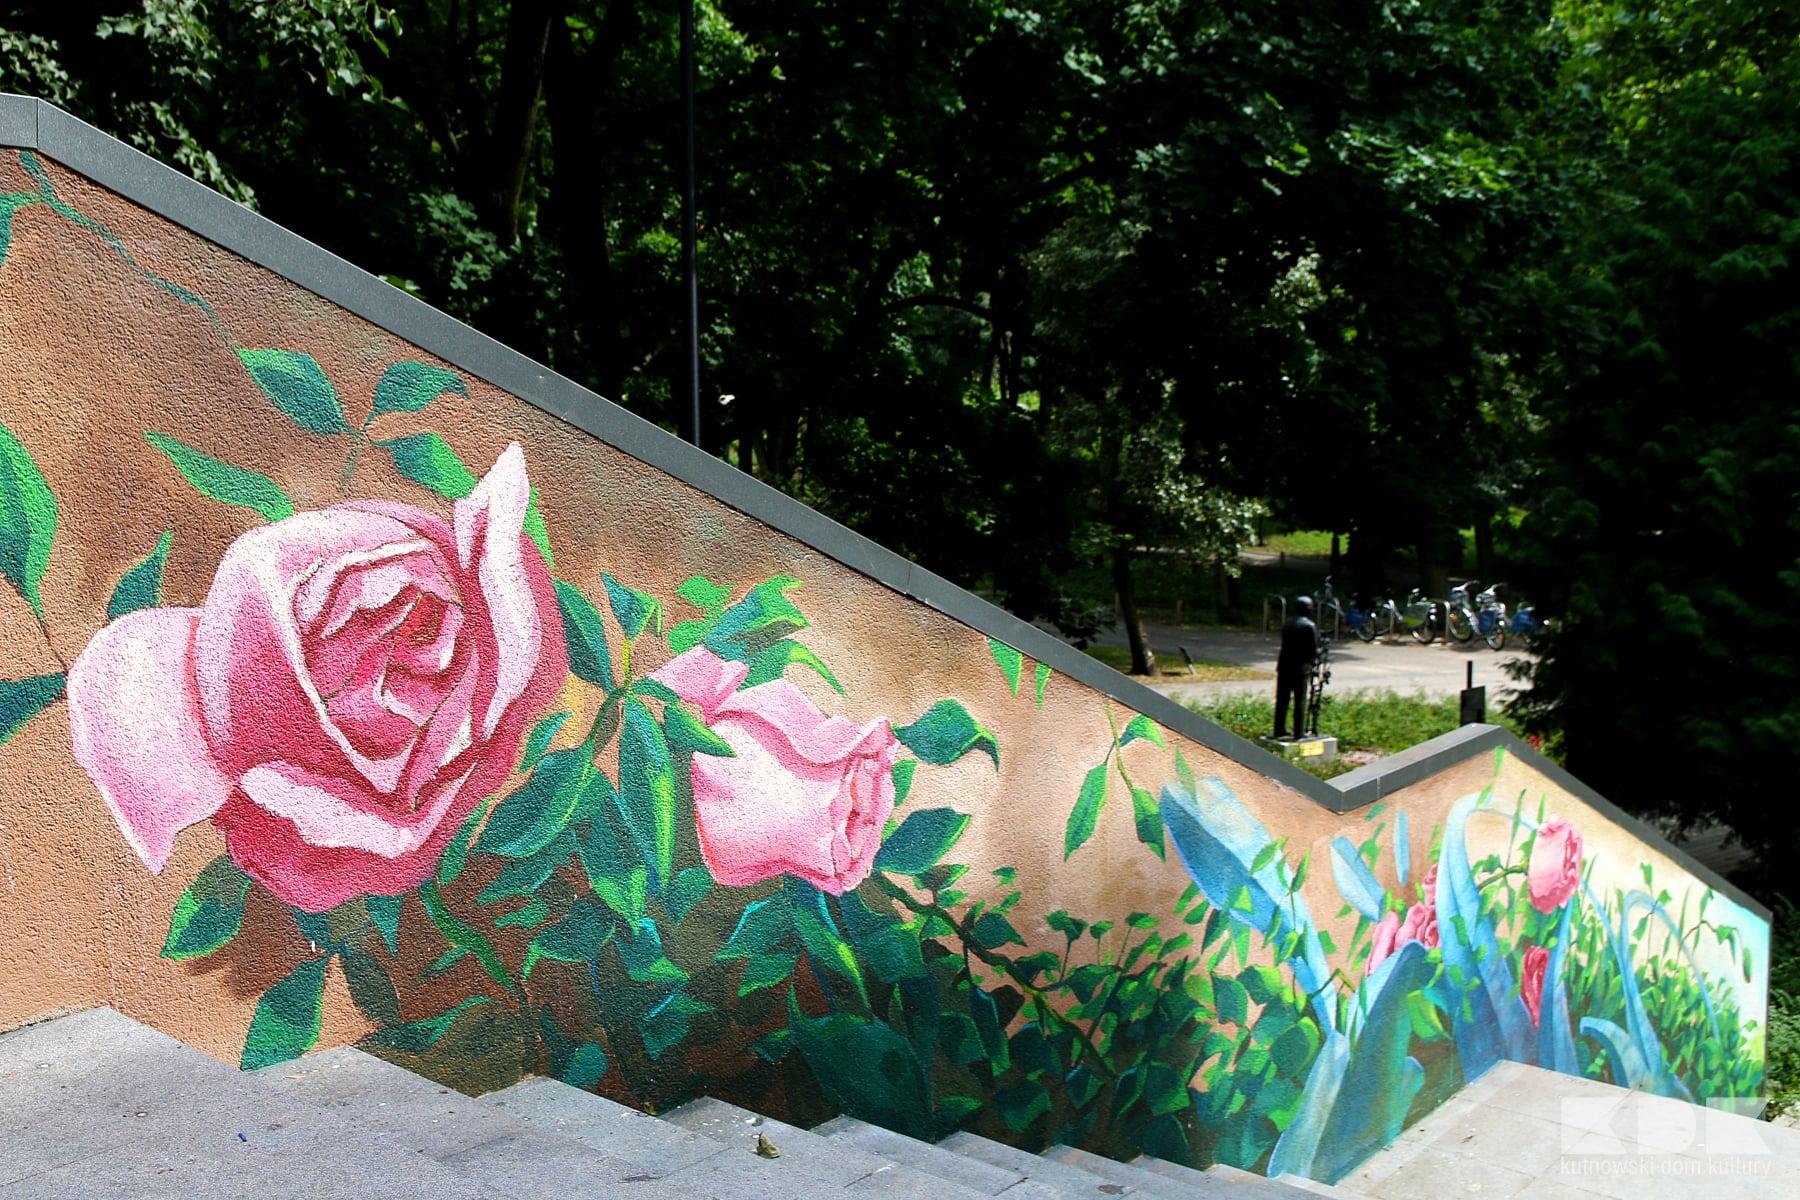 [ZDJĘCIA] Te schody będą się wyRóżniać! Zobaczcie, co zmieniło się w Parku Traugutta - Zdjęcie główne